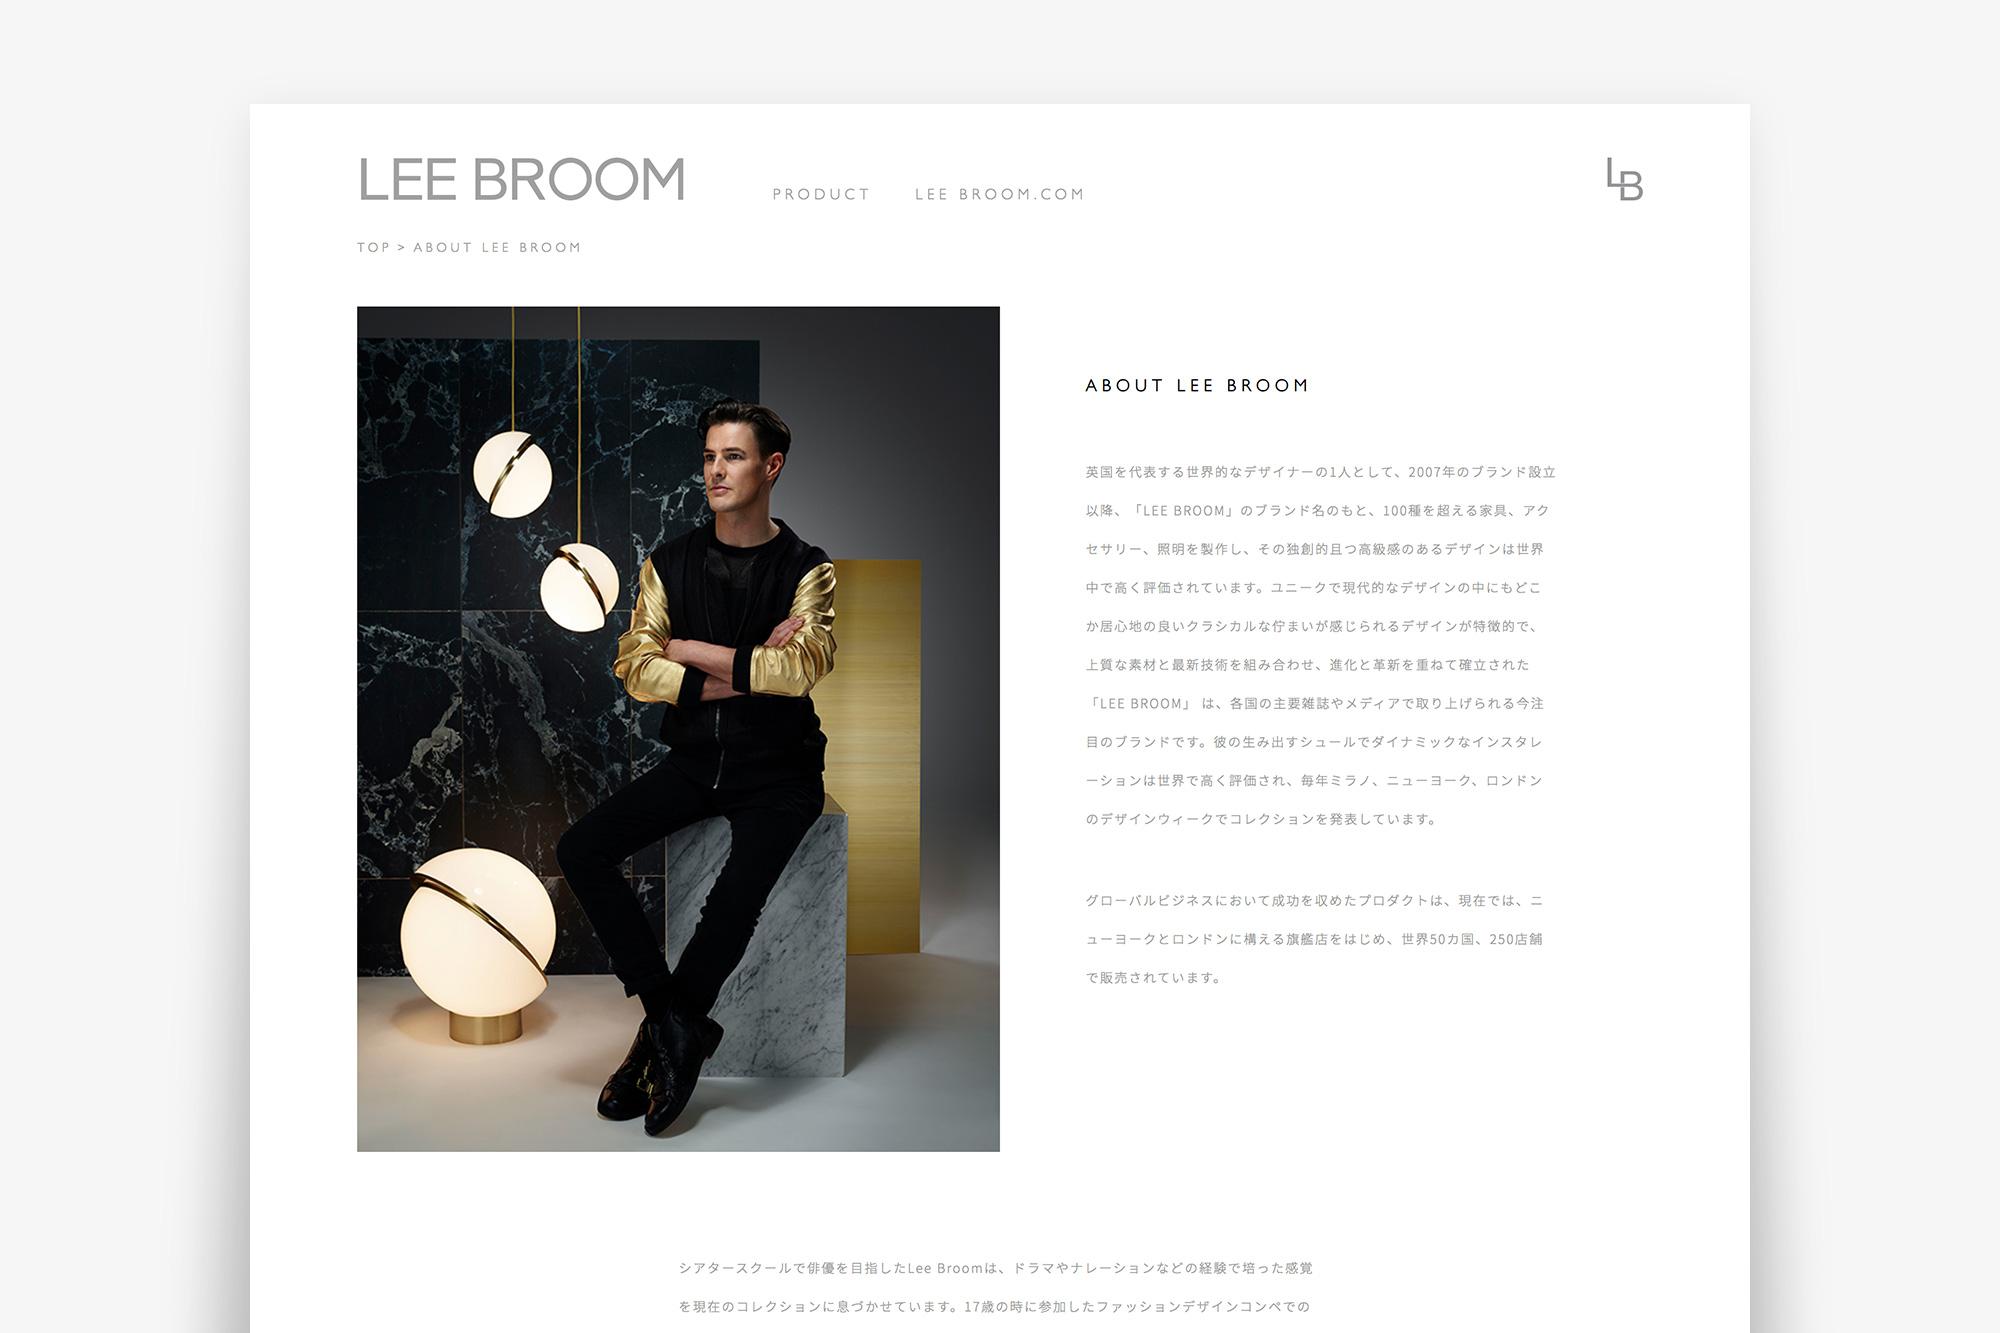 LEE BROOM オフィシャルサイト